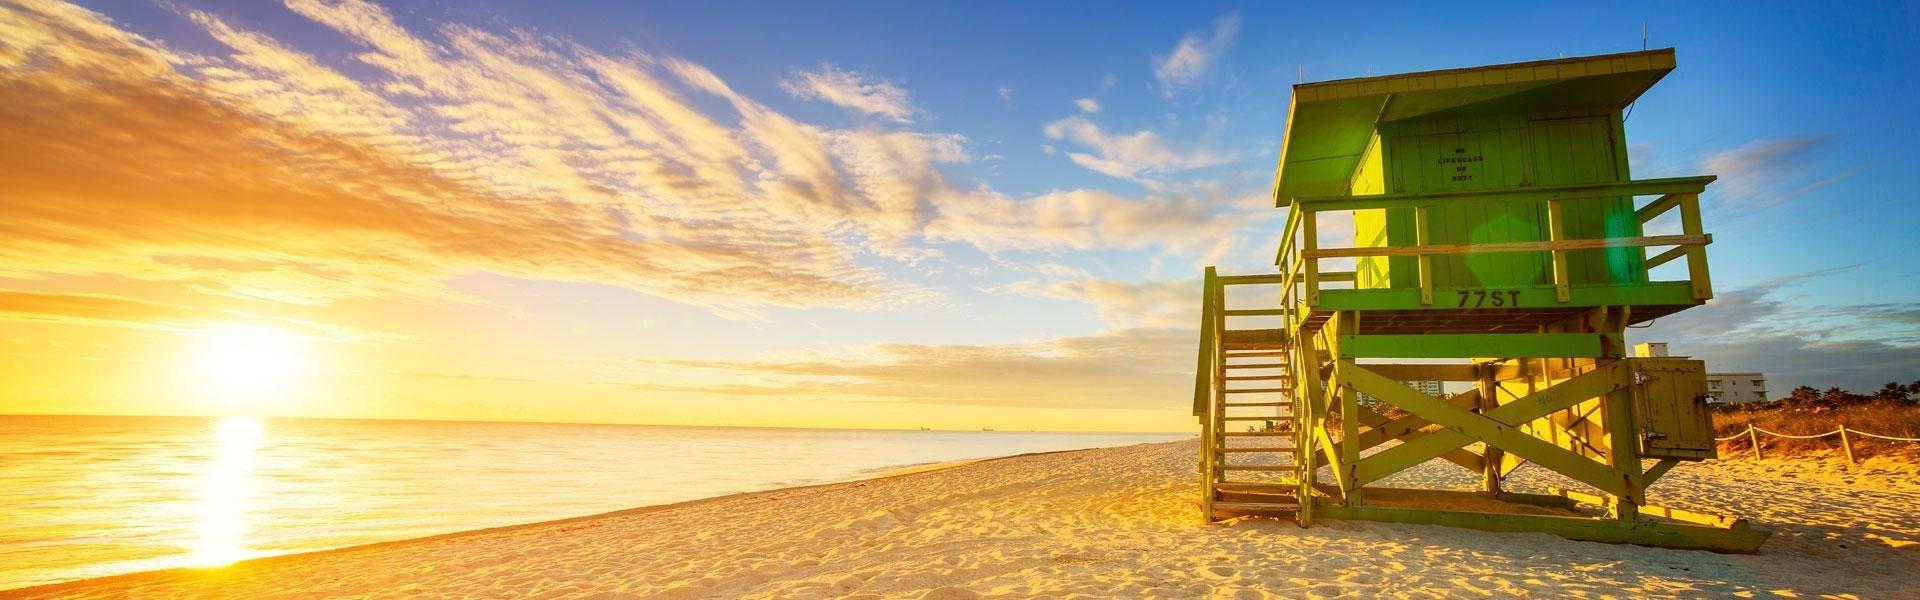 Baywatch huisje op het strand in Florida